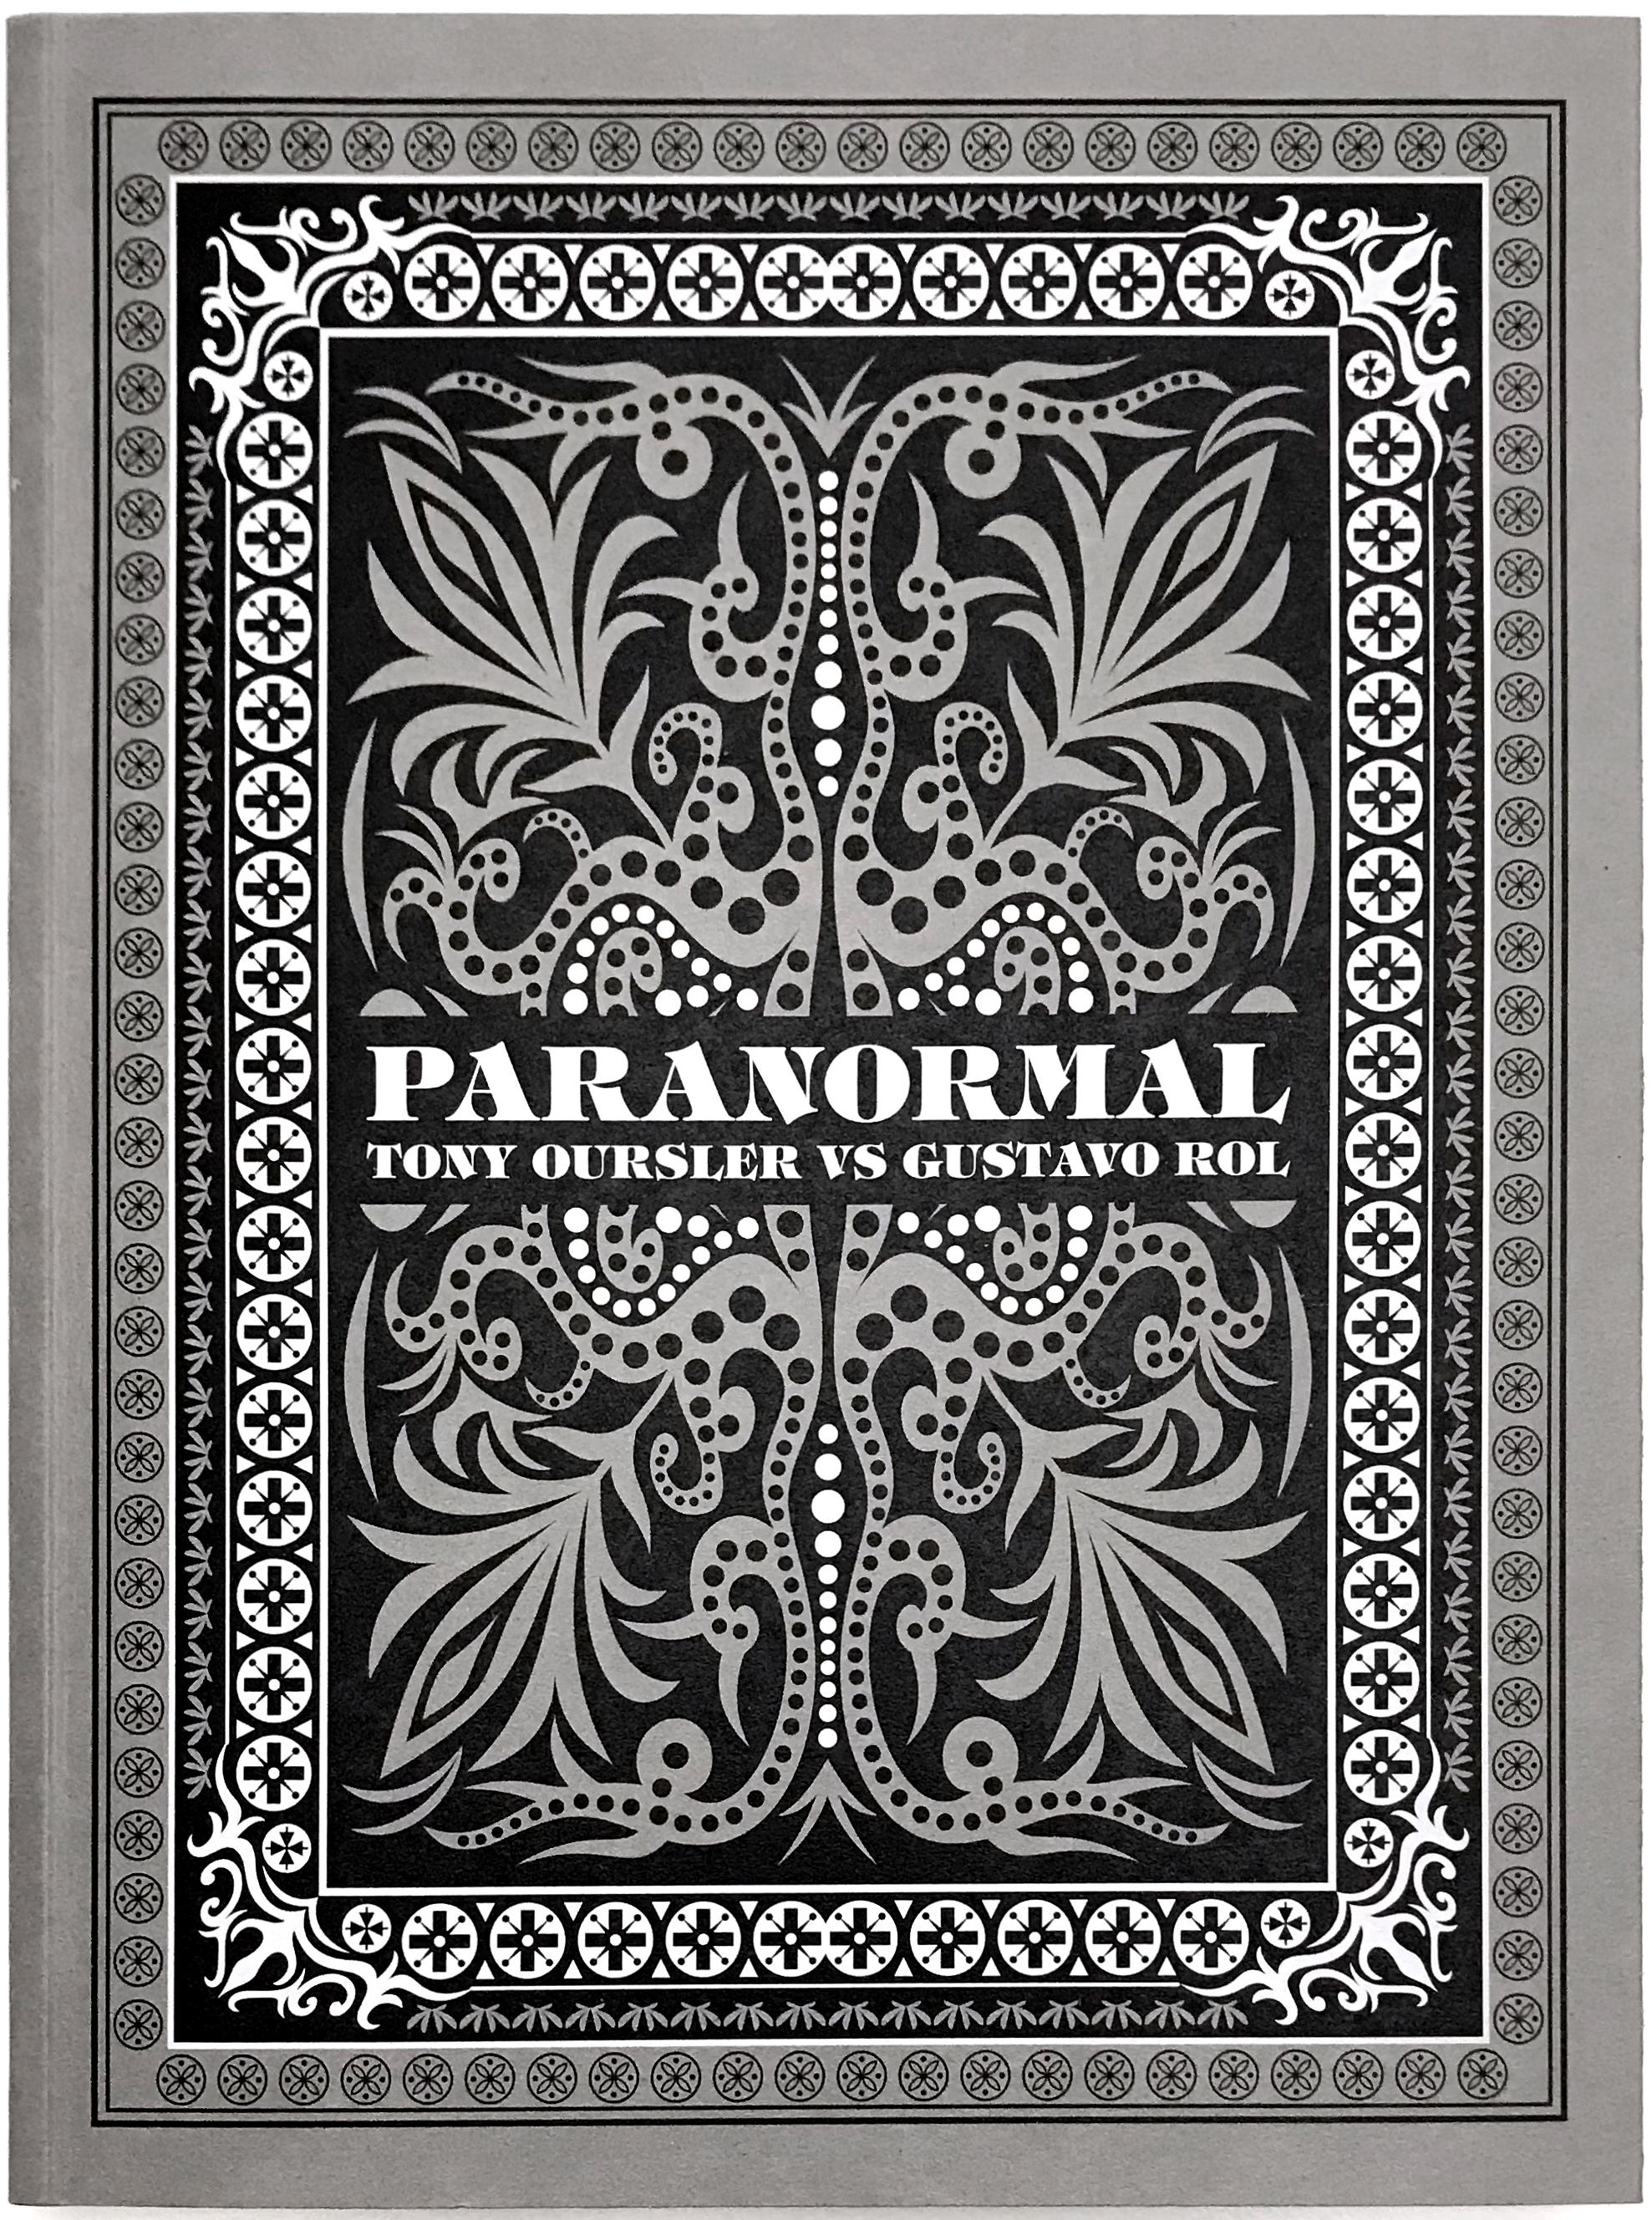 Paranormal_TonyOursler.jpg